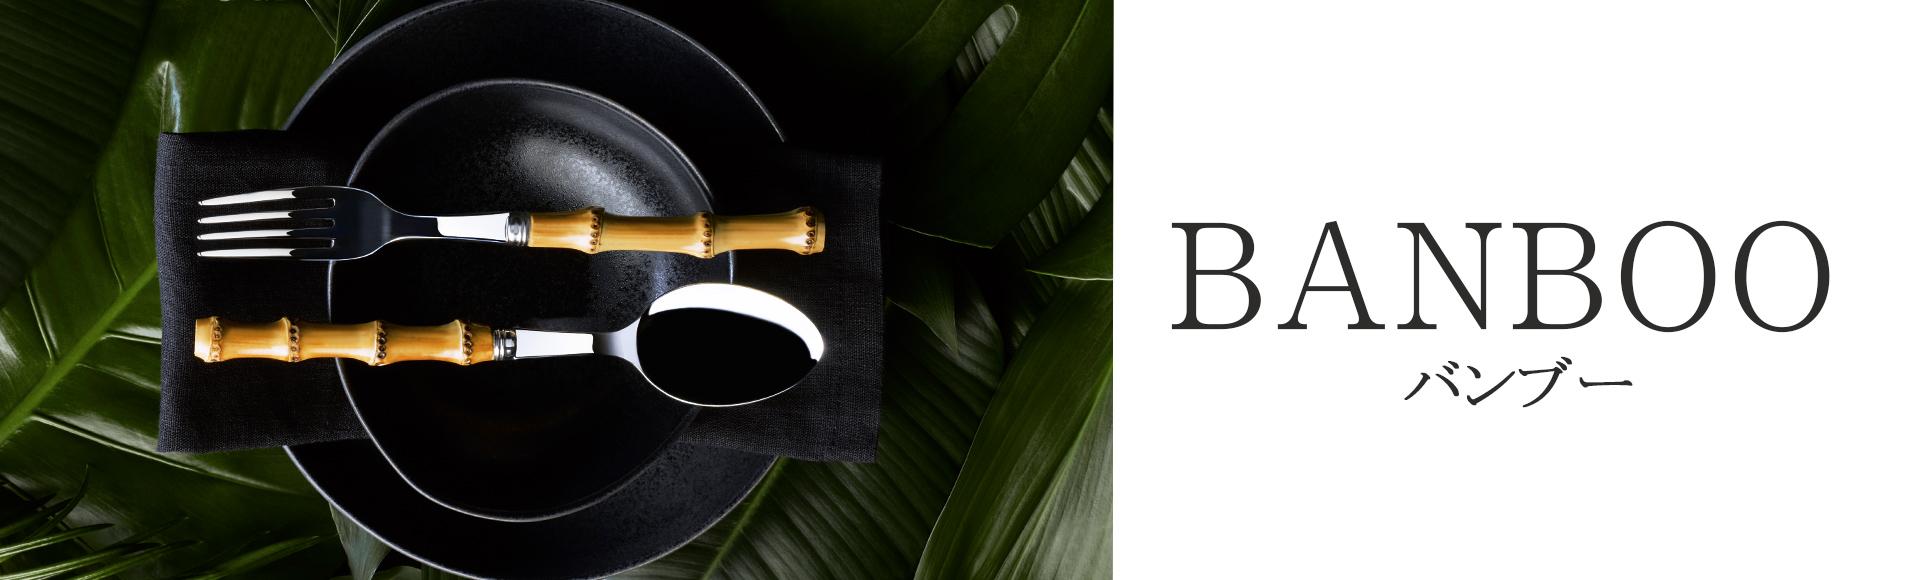 フランスのカトラリーブランドSABREの、流れるようなムダのないフォルムの金属部分と、竹の柄の自然なシルエットの組み合わせがナチュラルで使いやすいバンブーシリーズ。